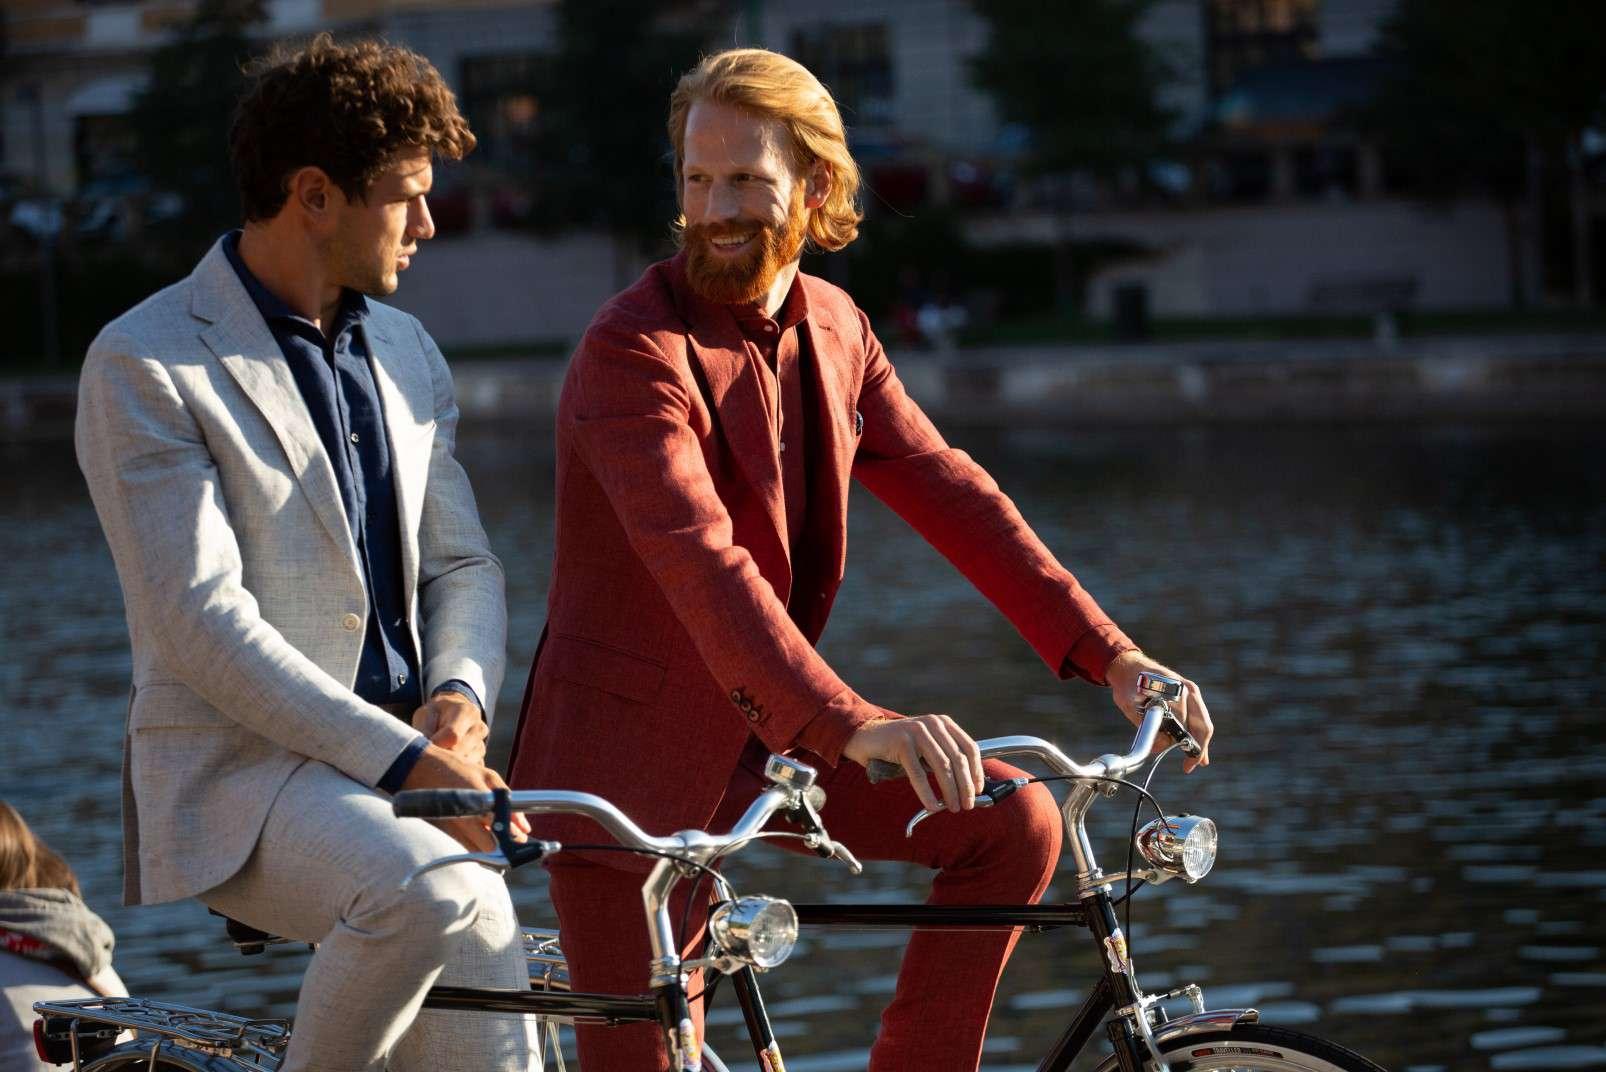 100 percent linen suits